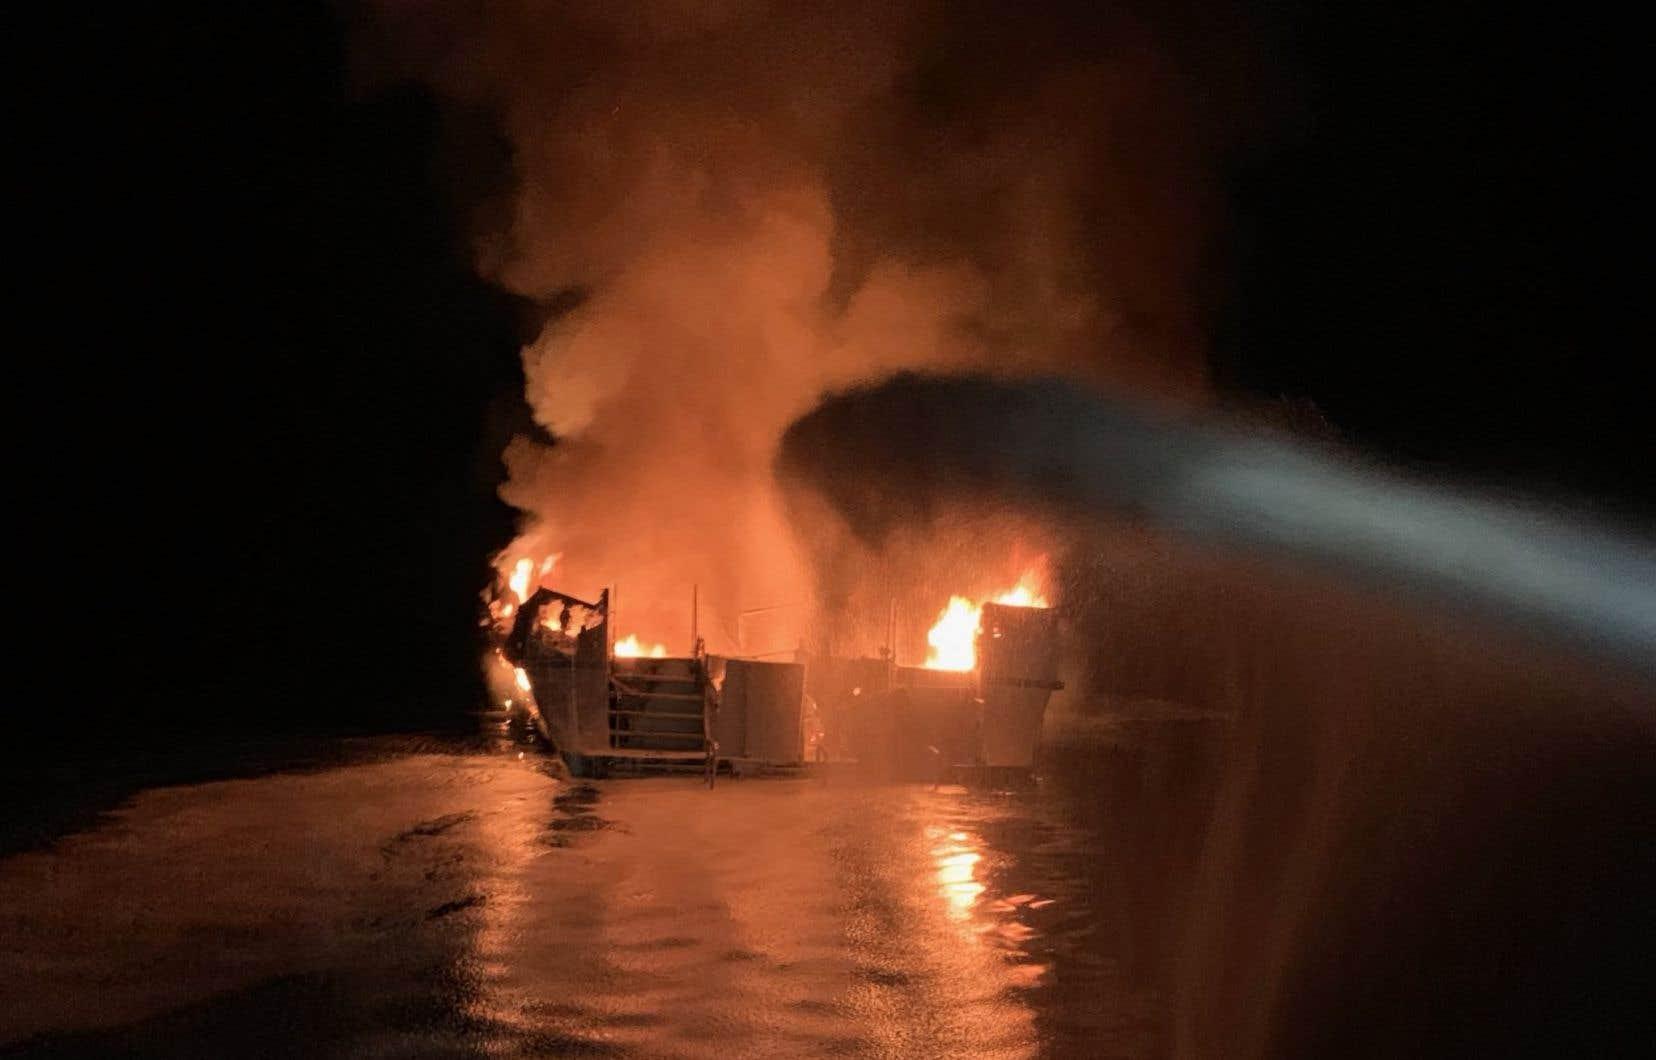 Le bateau, un navire de 22 mètres de long aménagé pour des sorties en mer dédiées à la plongée, a coulé alors que les pompiers tentaient encore d'éteindre le feu tôt dans la matinée, ont annoncé les gardes-côtes.